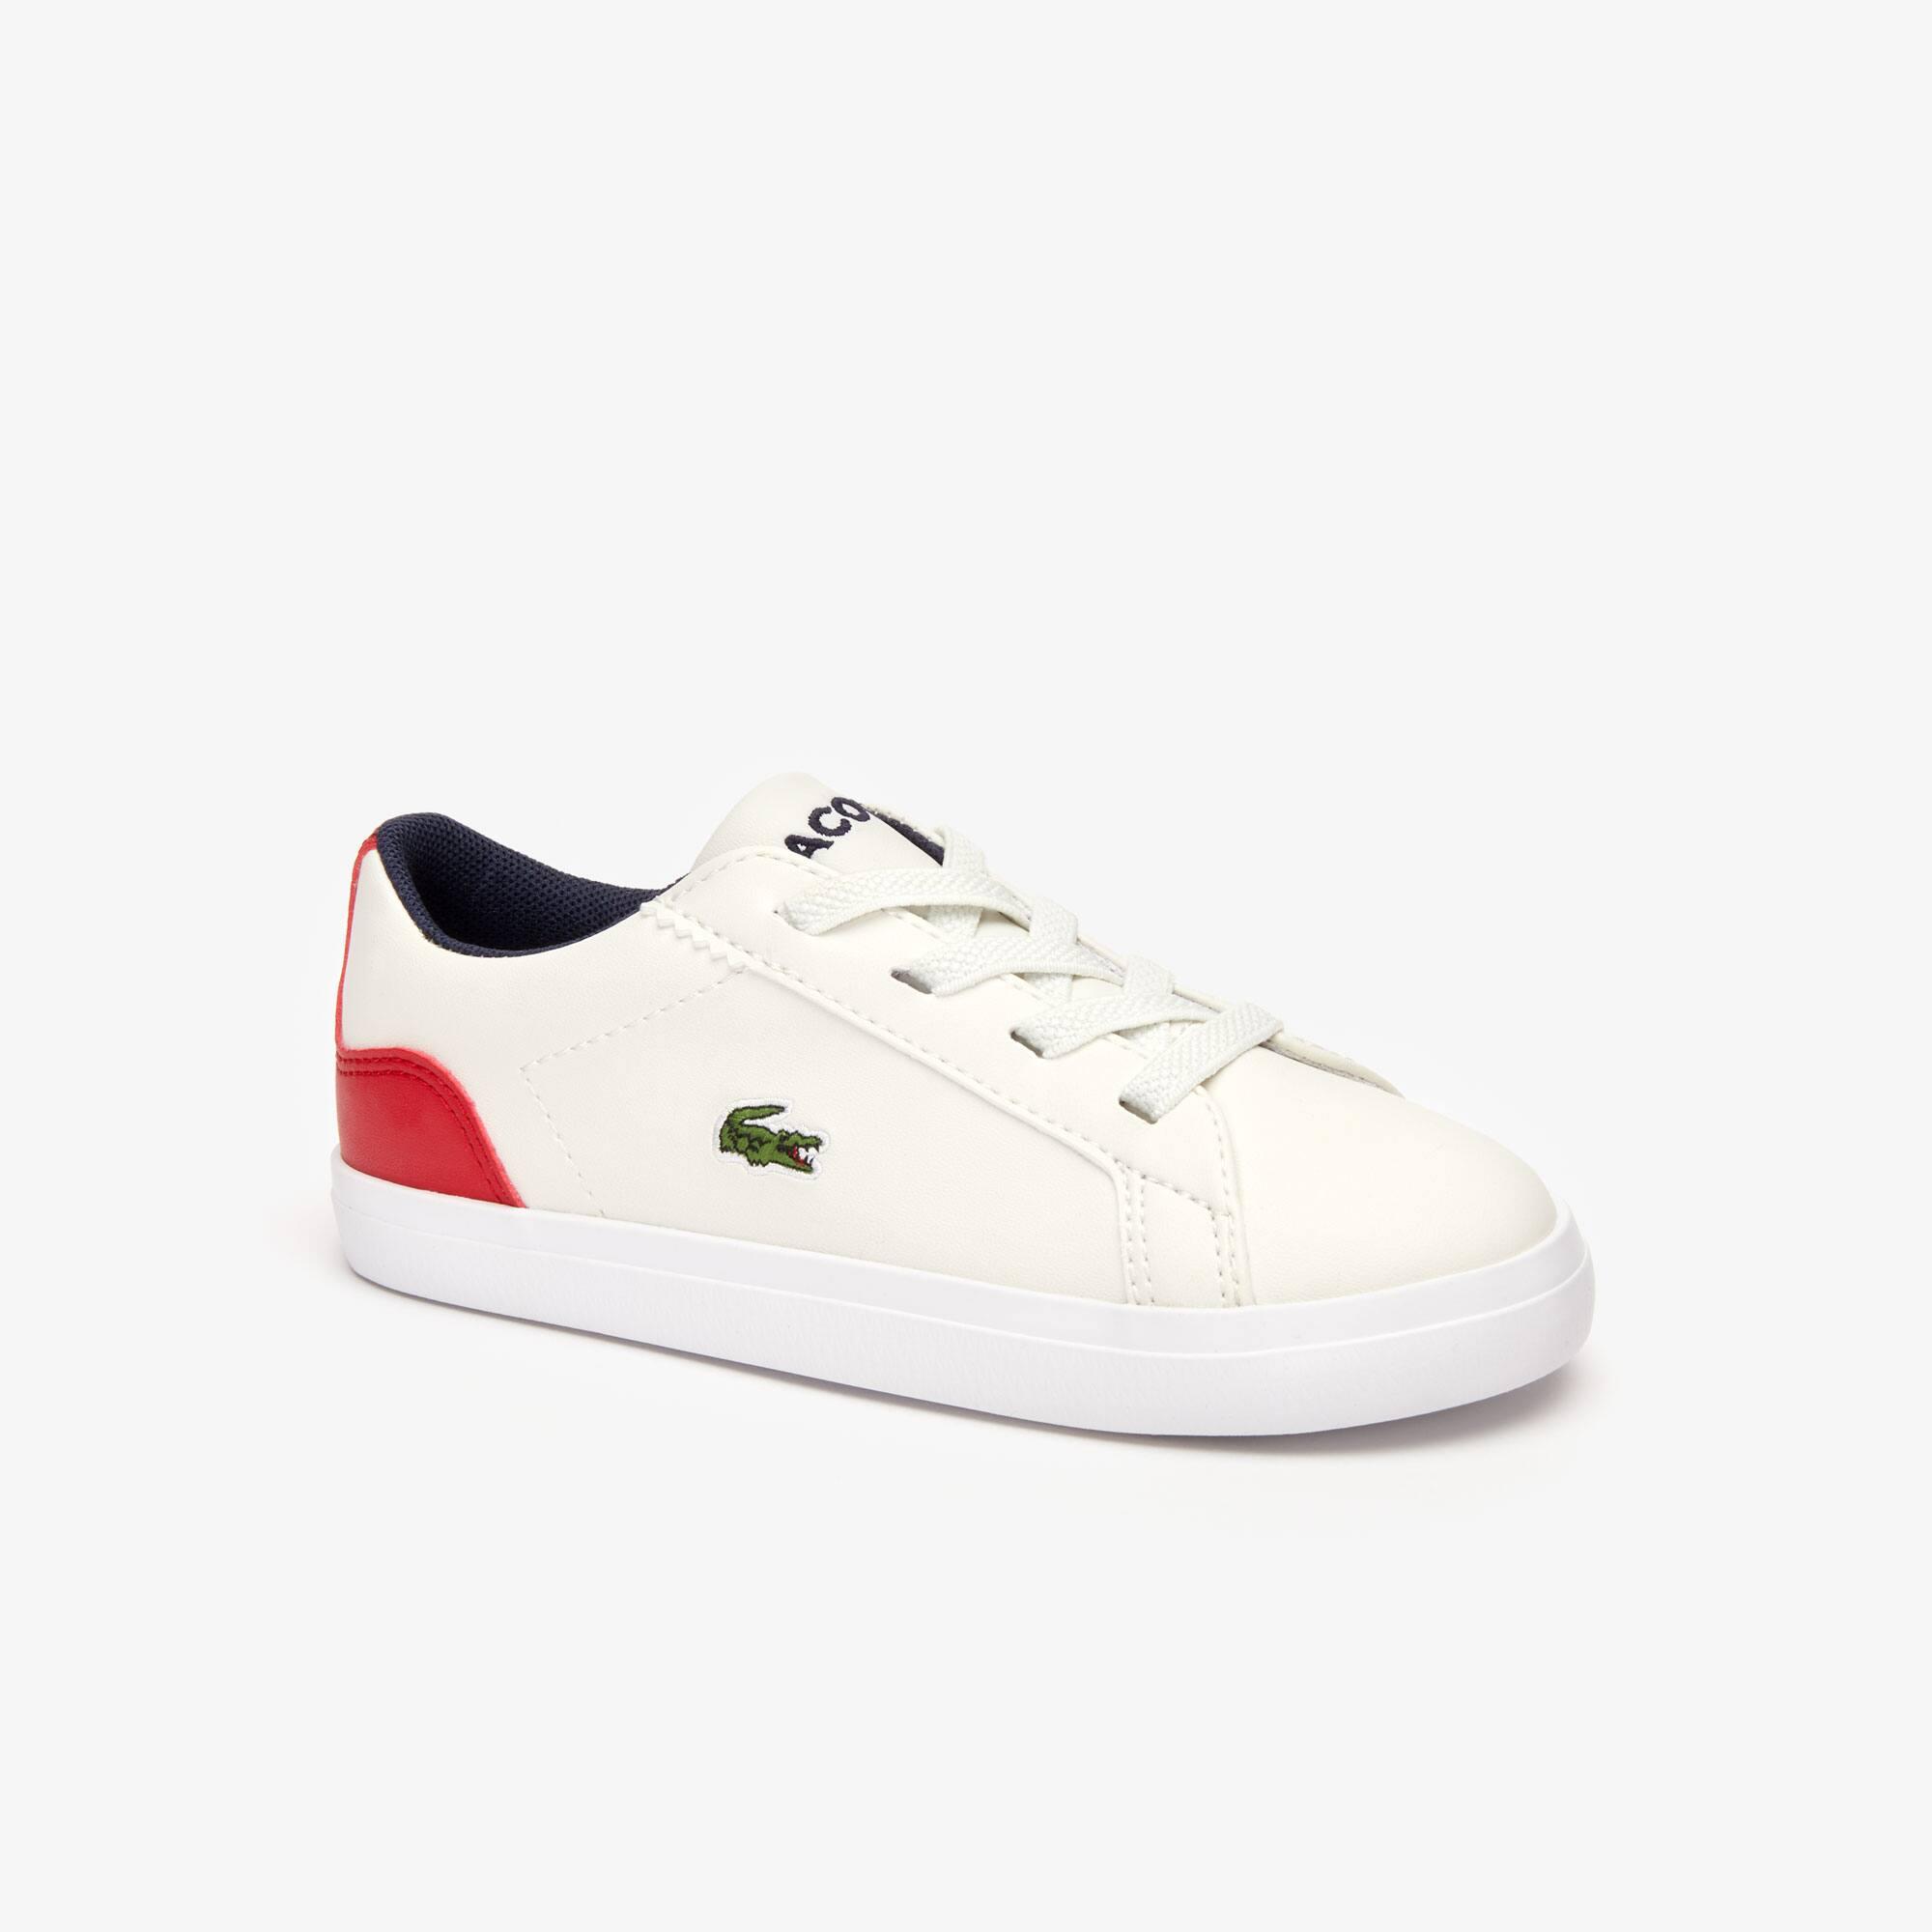 حذاء رياضي للأطفال من مواد اصطناعية من مجموعة Esparre